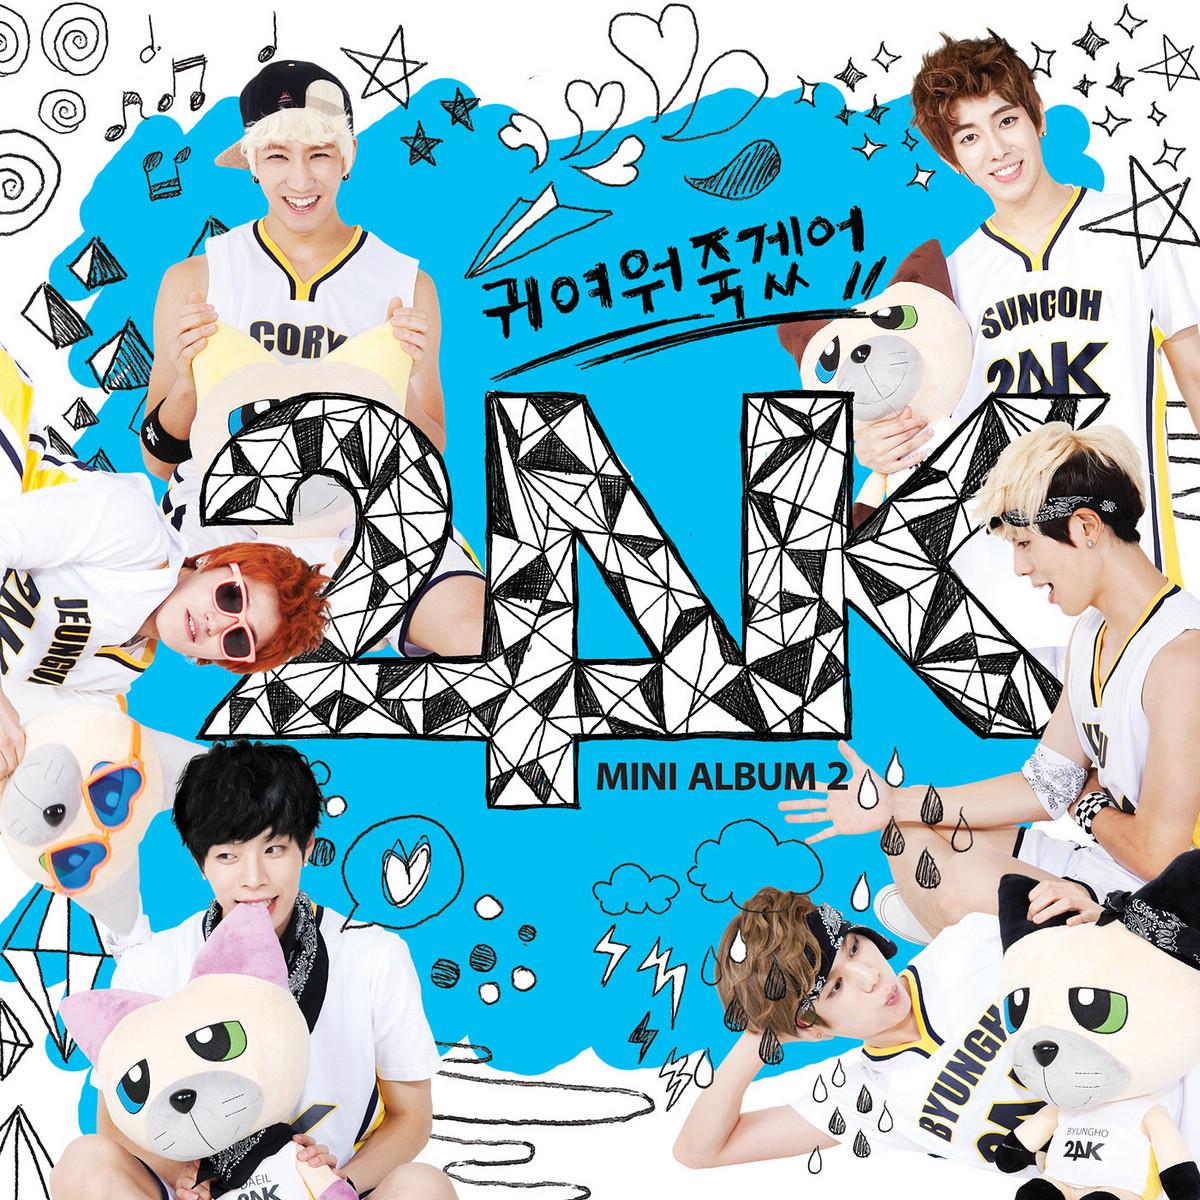 24k_sohowmuch_minialbum